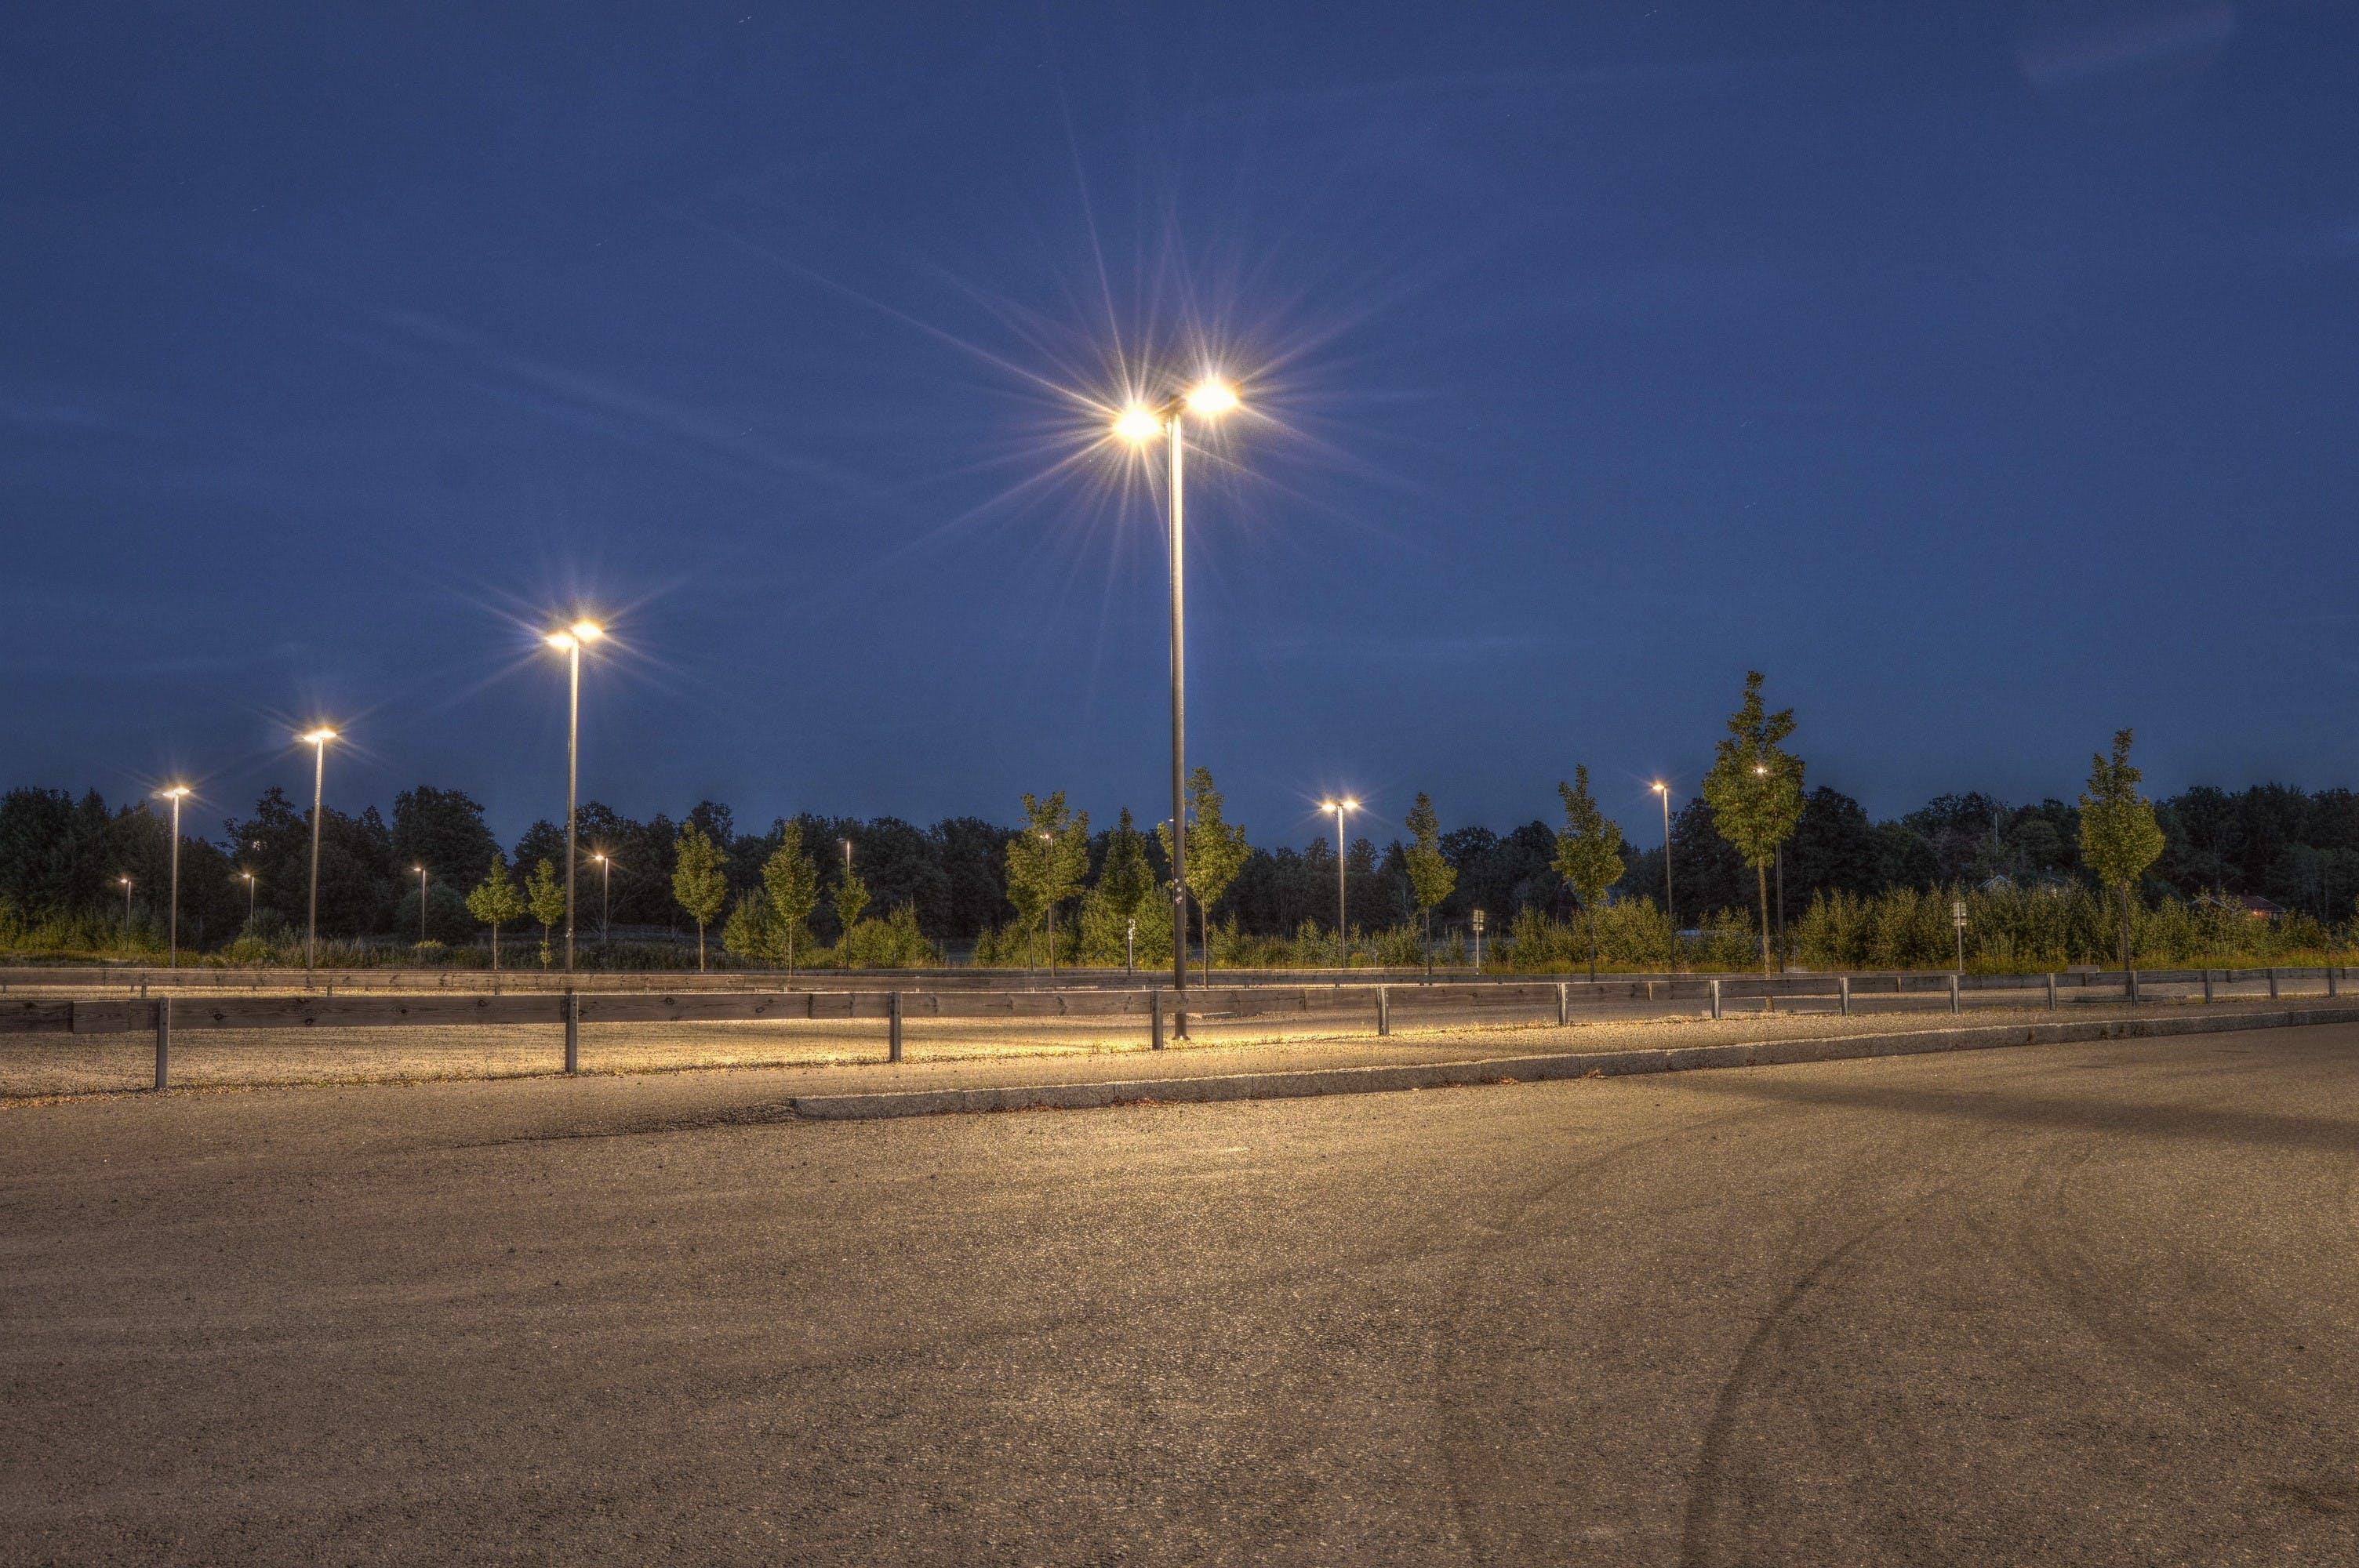 Fotos de stock gratuitas de amanecer, arboles, calle, campo